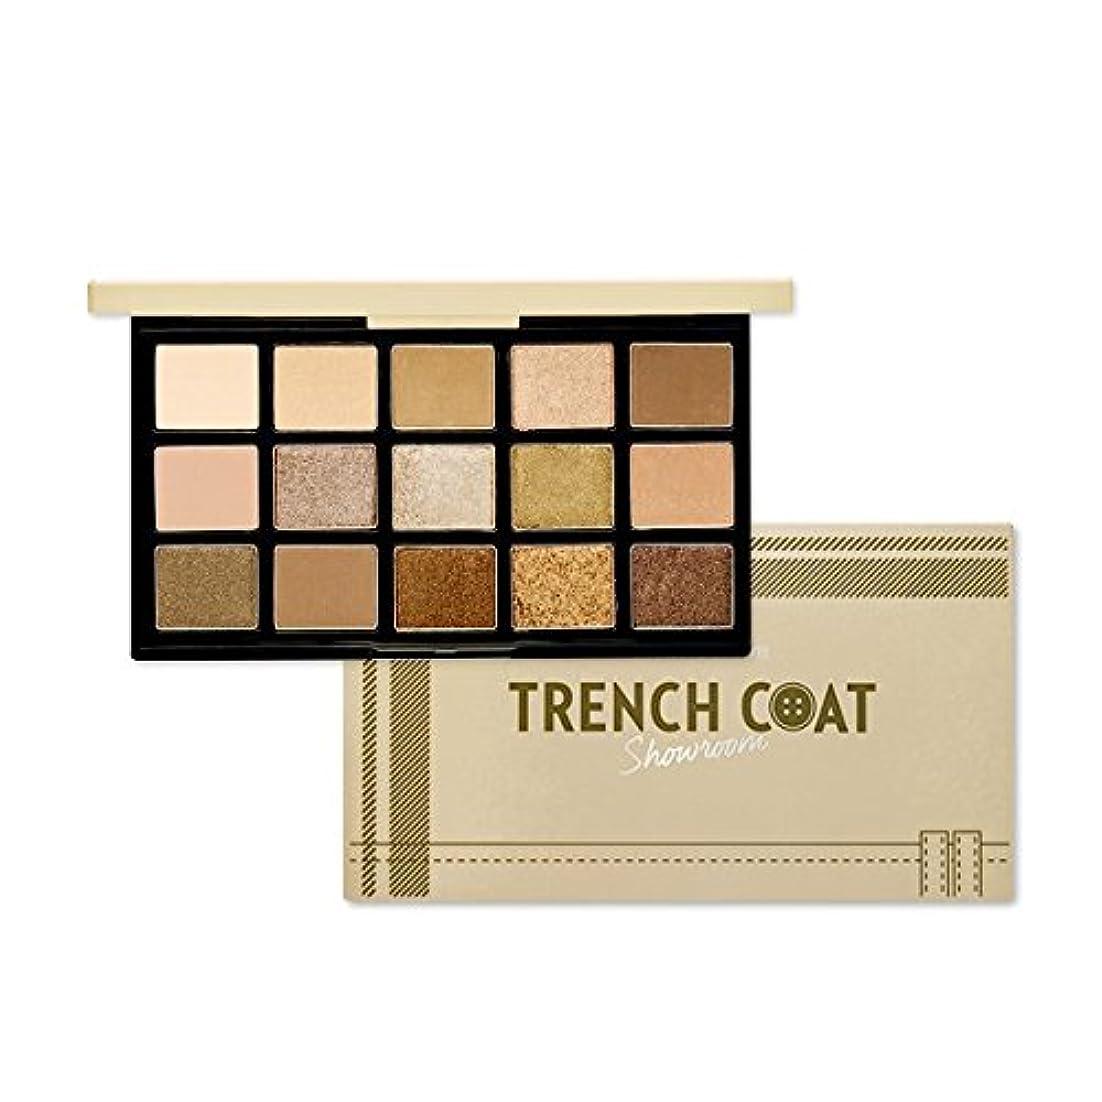 インチ検出可能サミットETUDE HOUSE Play Color Eye Palette - Trench coat Showroom/エチュードハウスプレイカラーアイパレット - トレンチコートショールーム [並行輸入品]